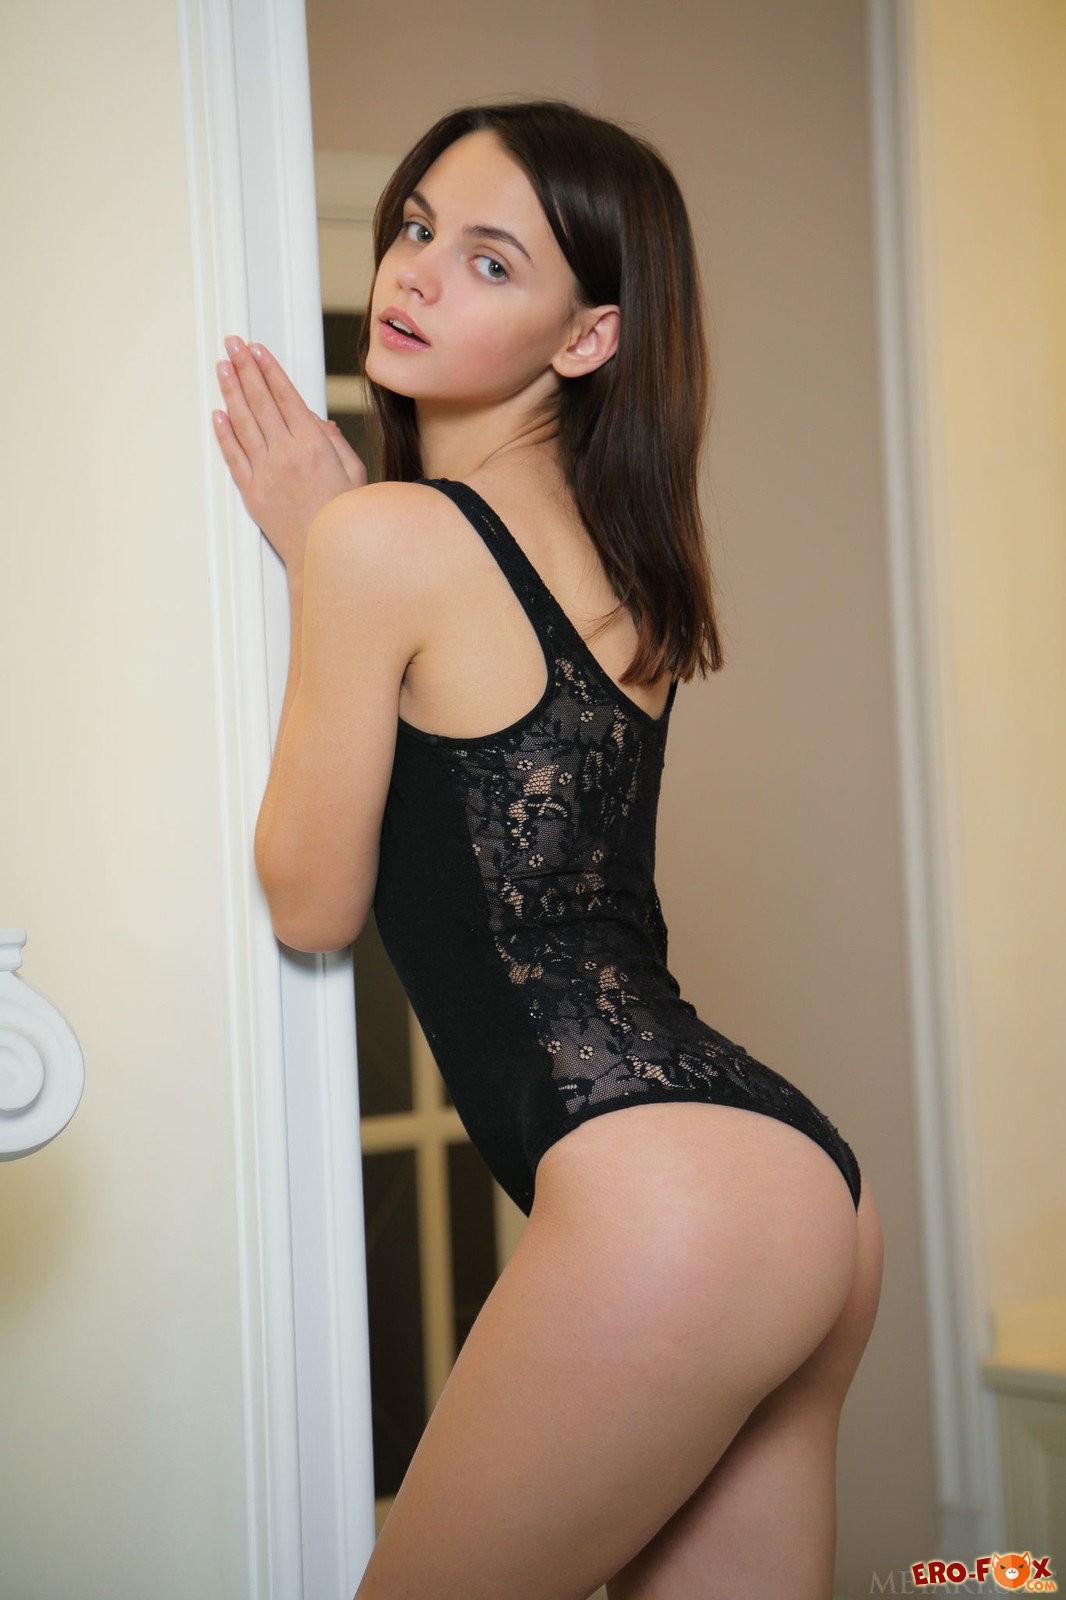 Сексуальная молодая брюнетка с бритой киской